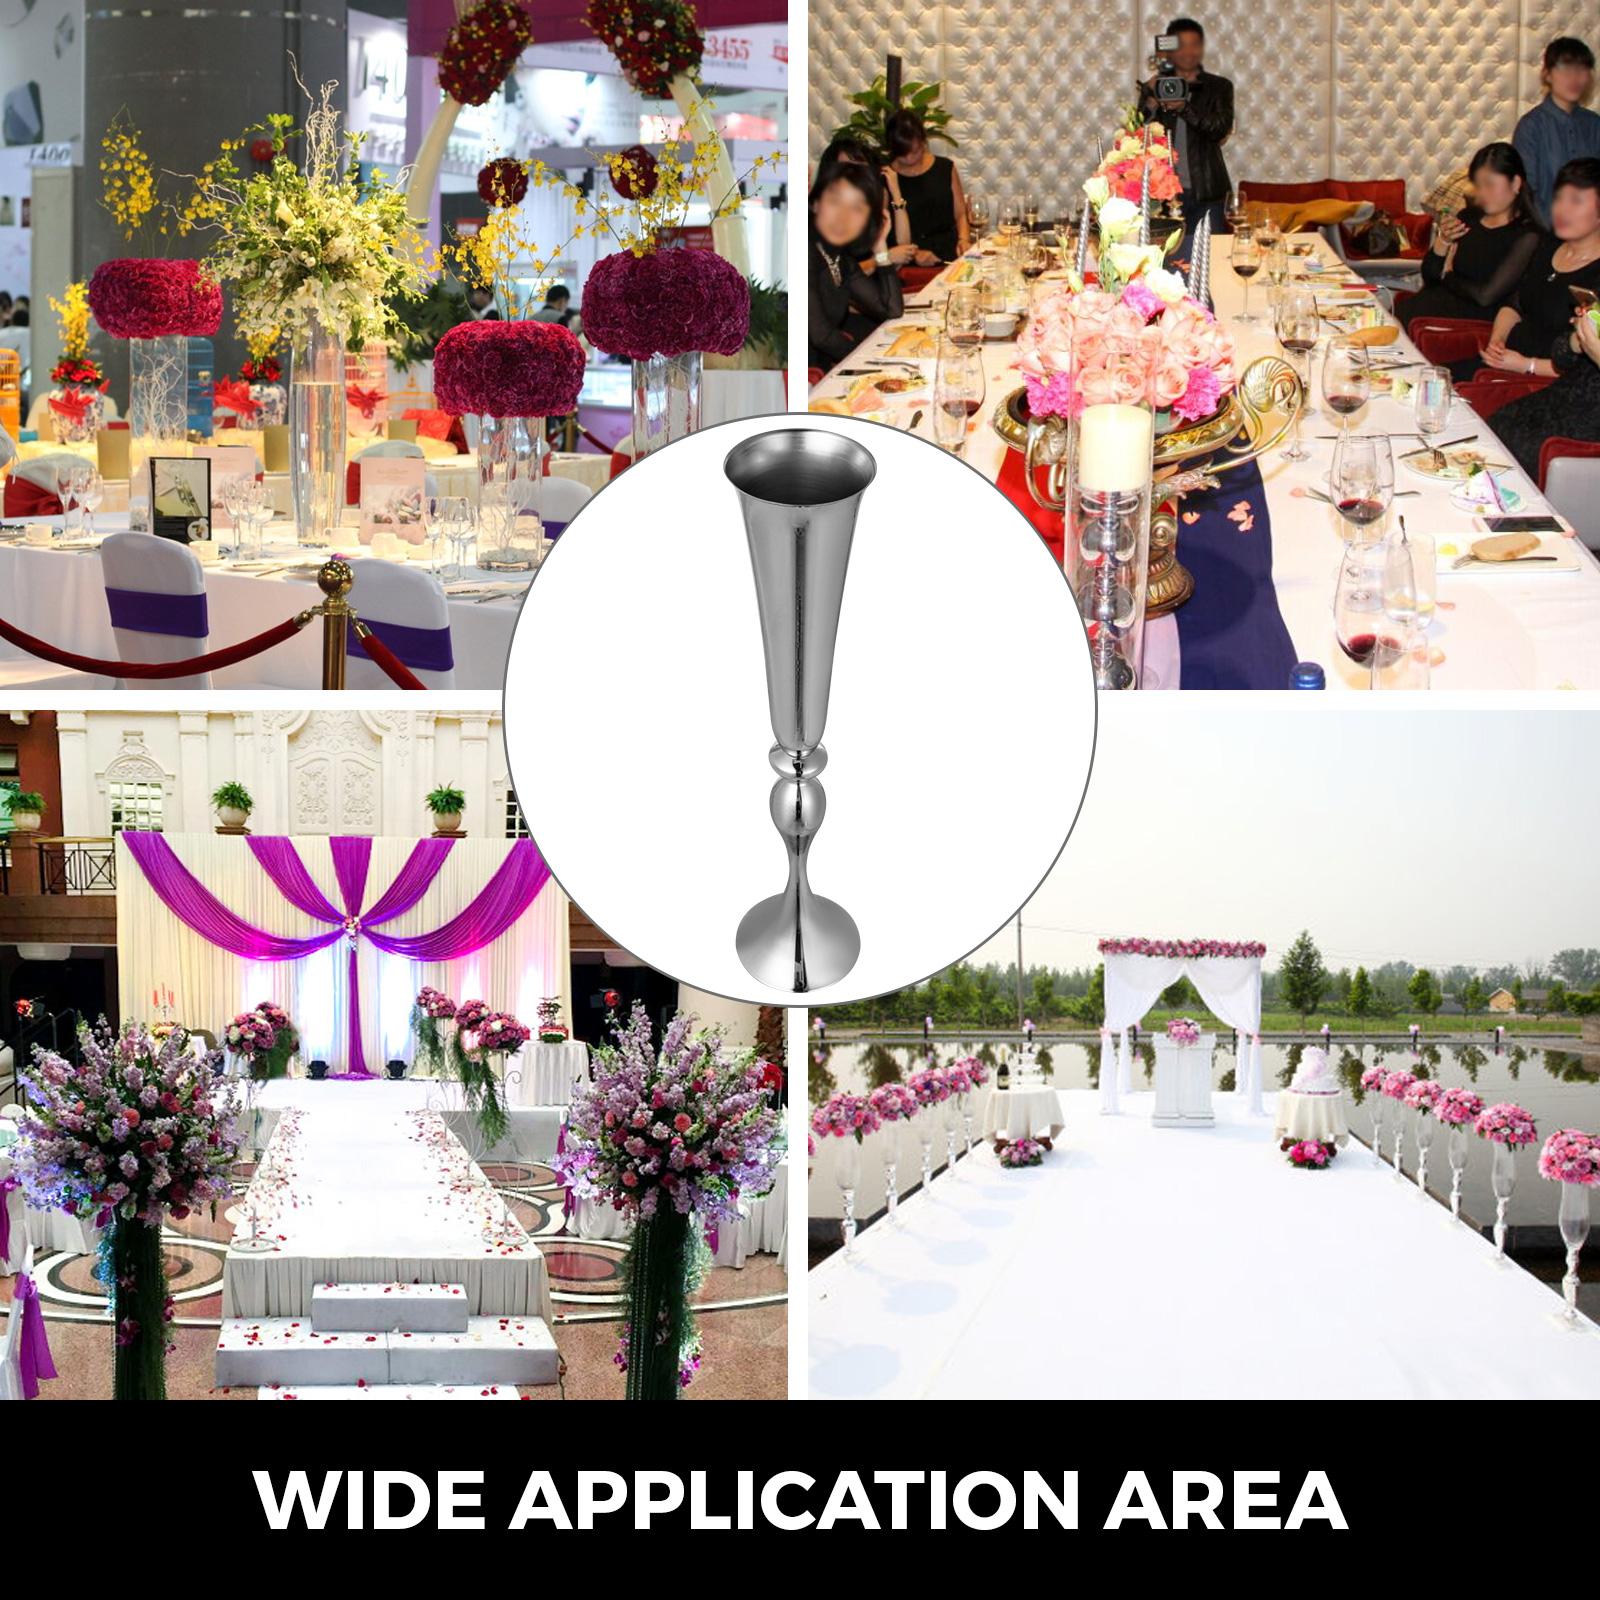 Trumpet-Vase-Flower-Vases-Centerpiece-29-5-034-22-034-for-Party-Celebration-Events thumbnail 31